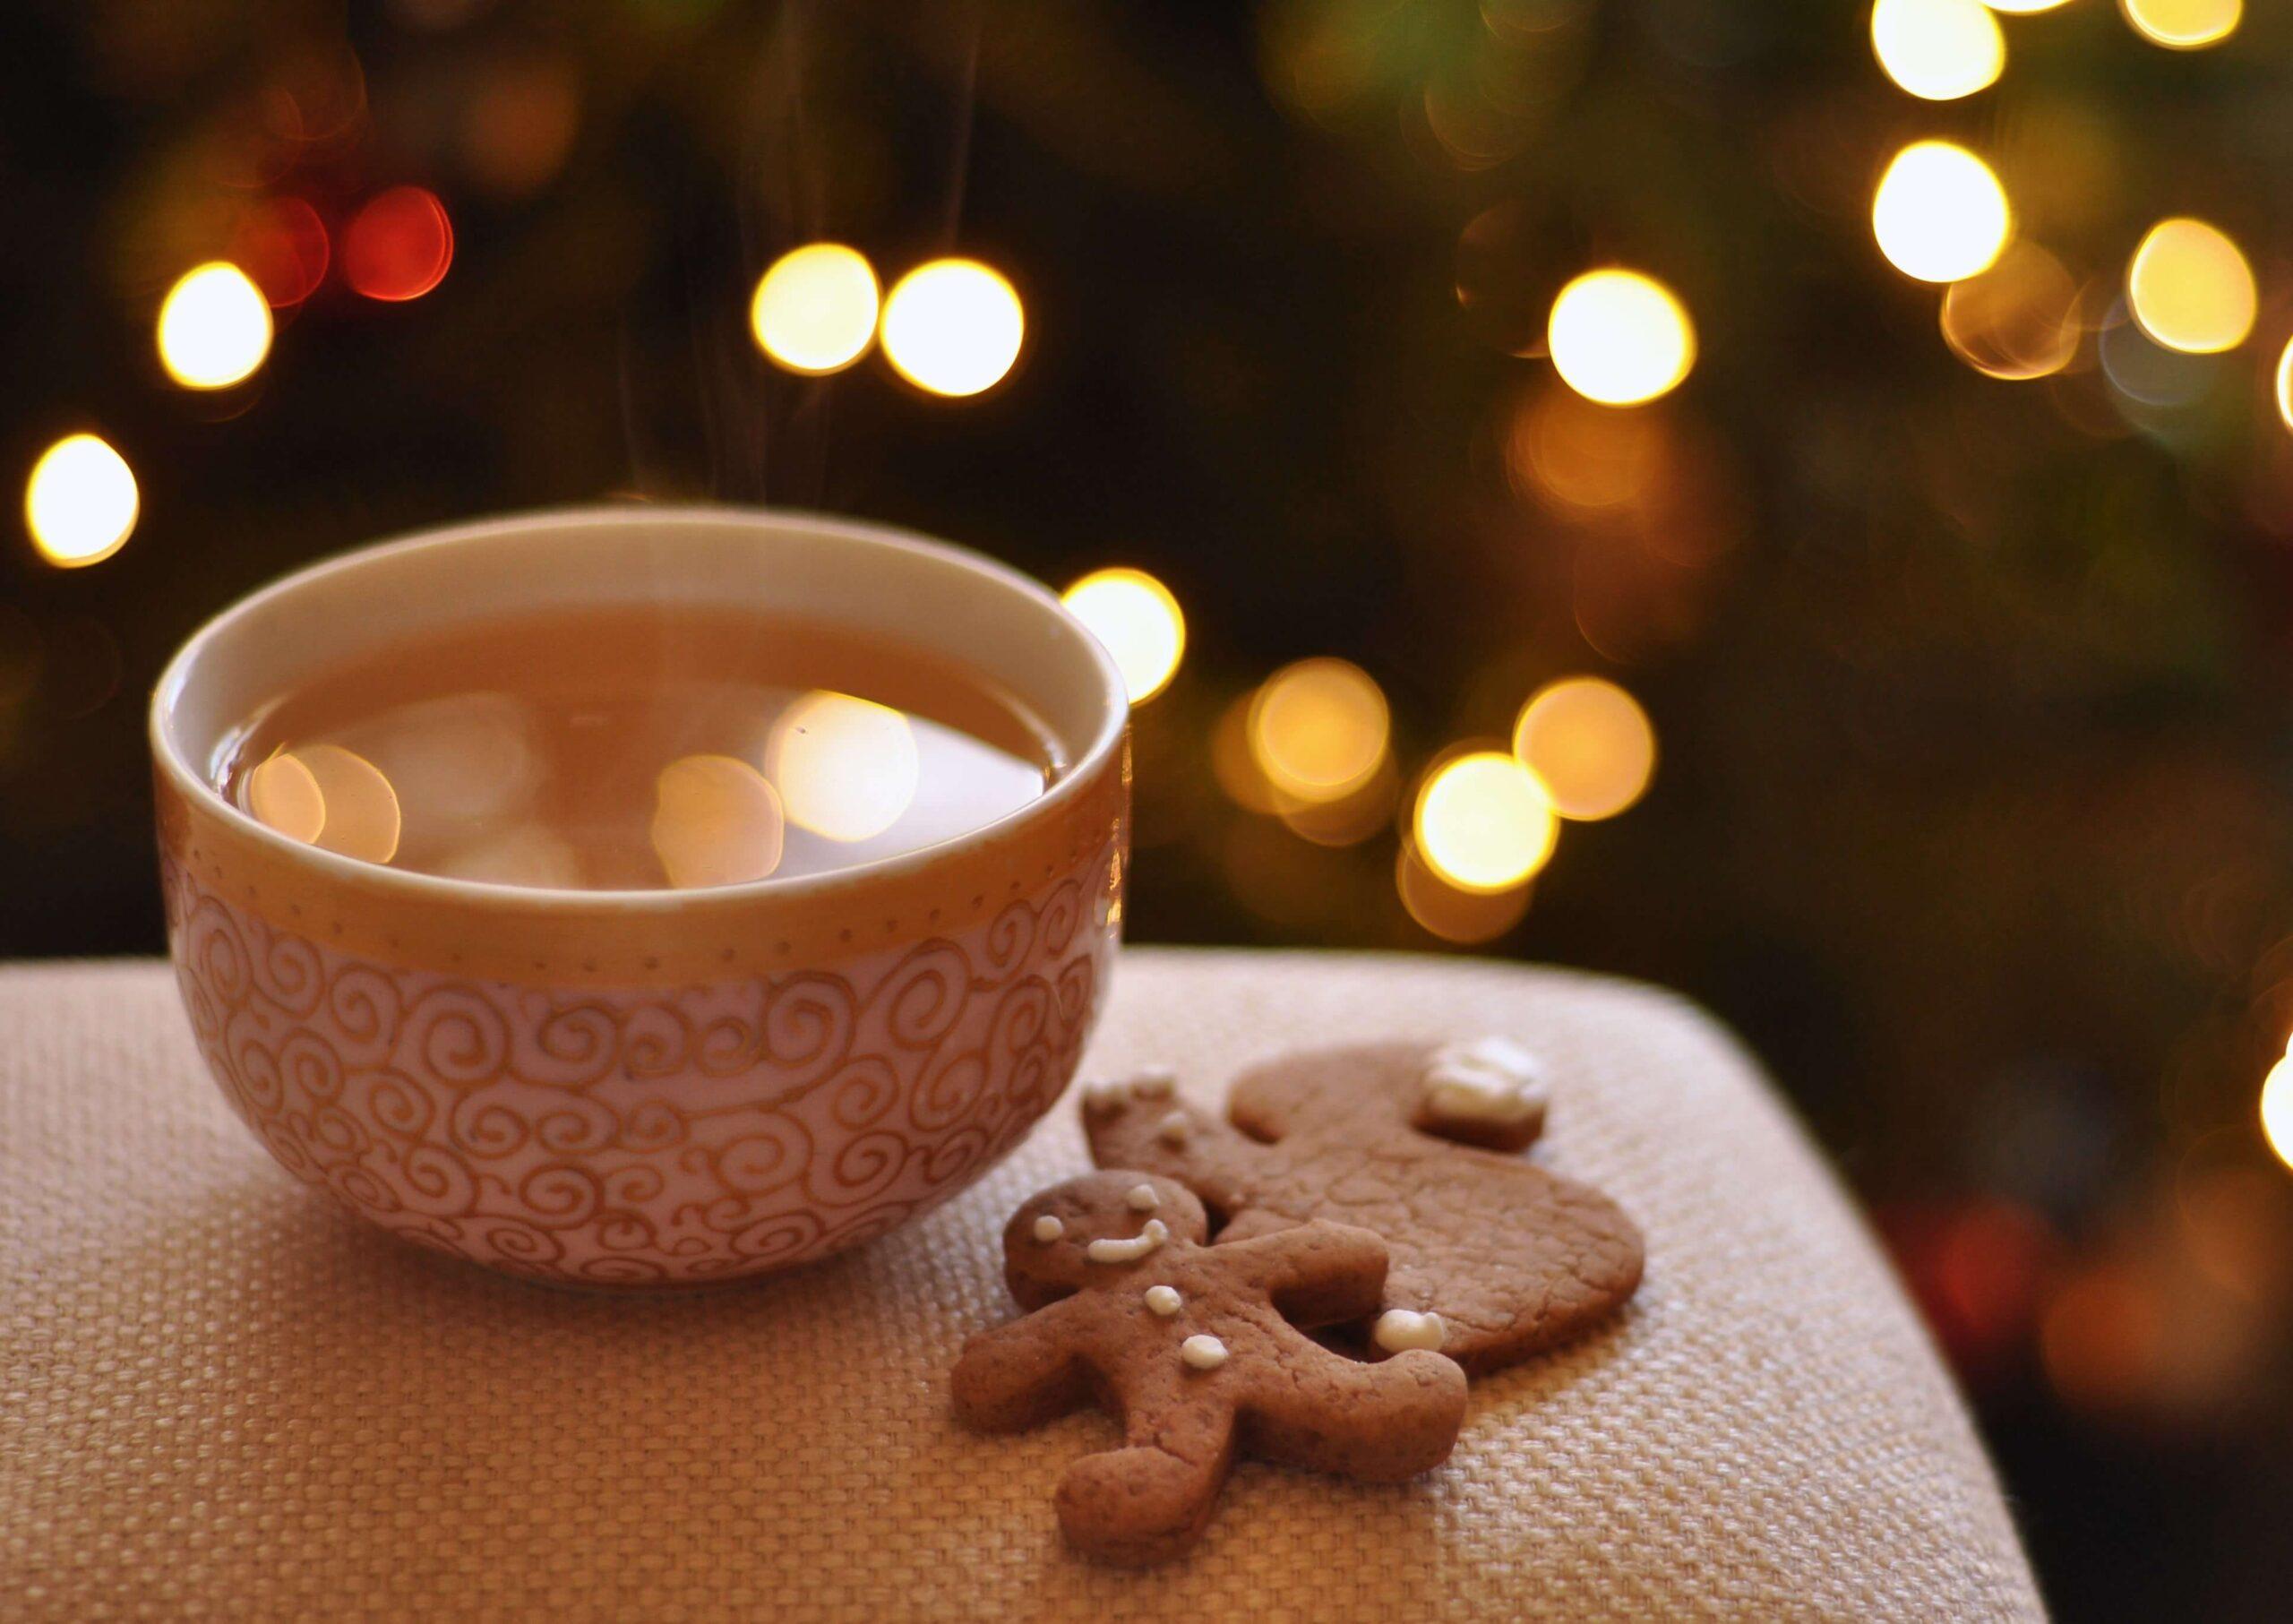 pierniczki świąteczne - zdrowe podejście do świąt